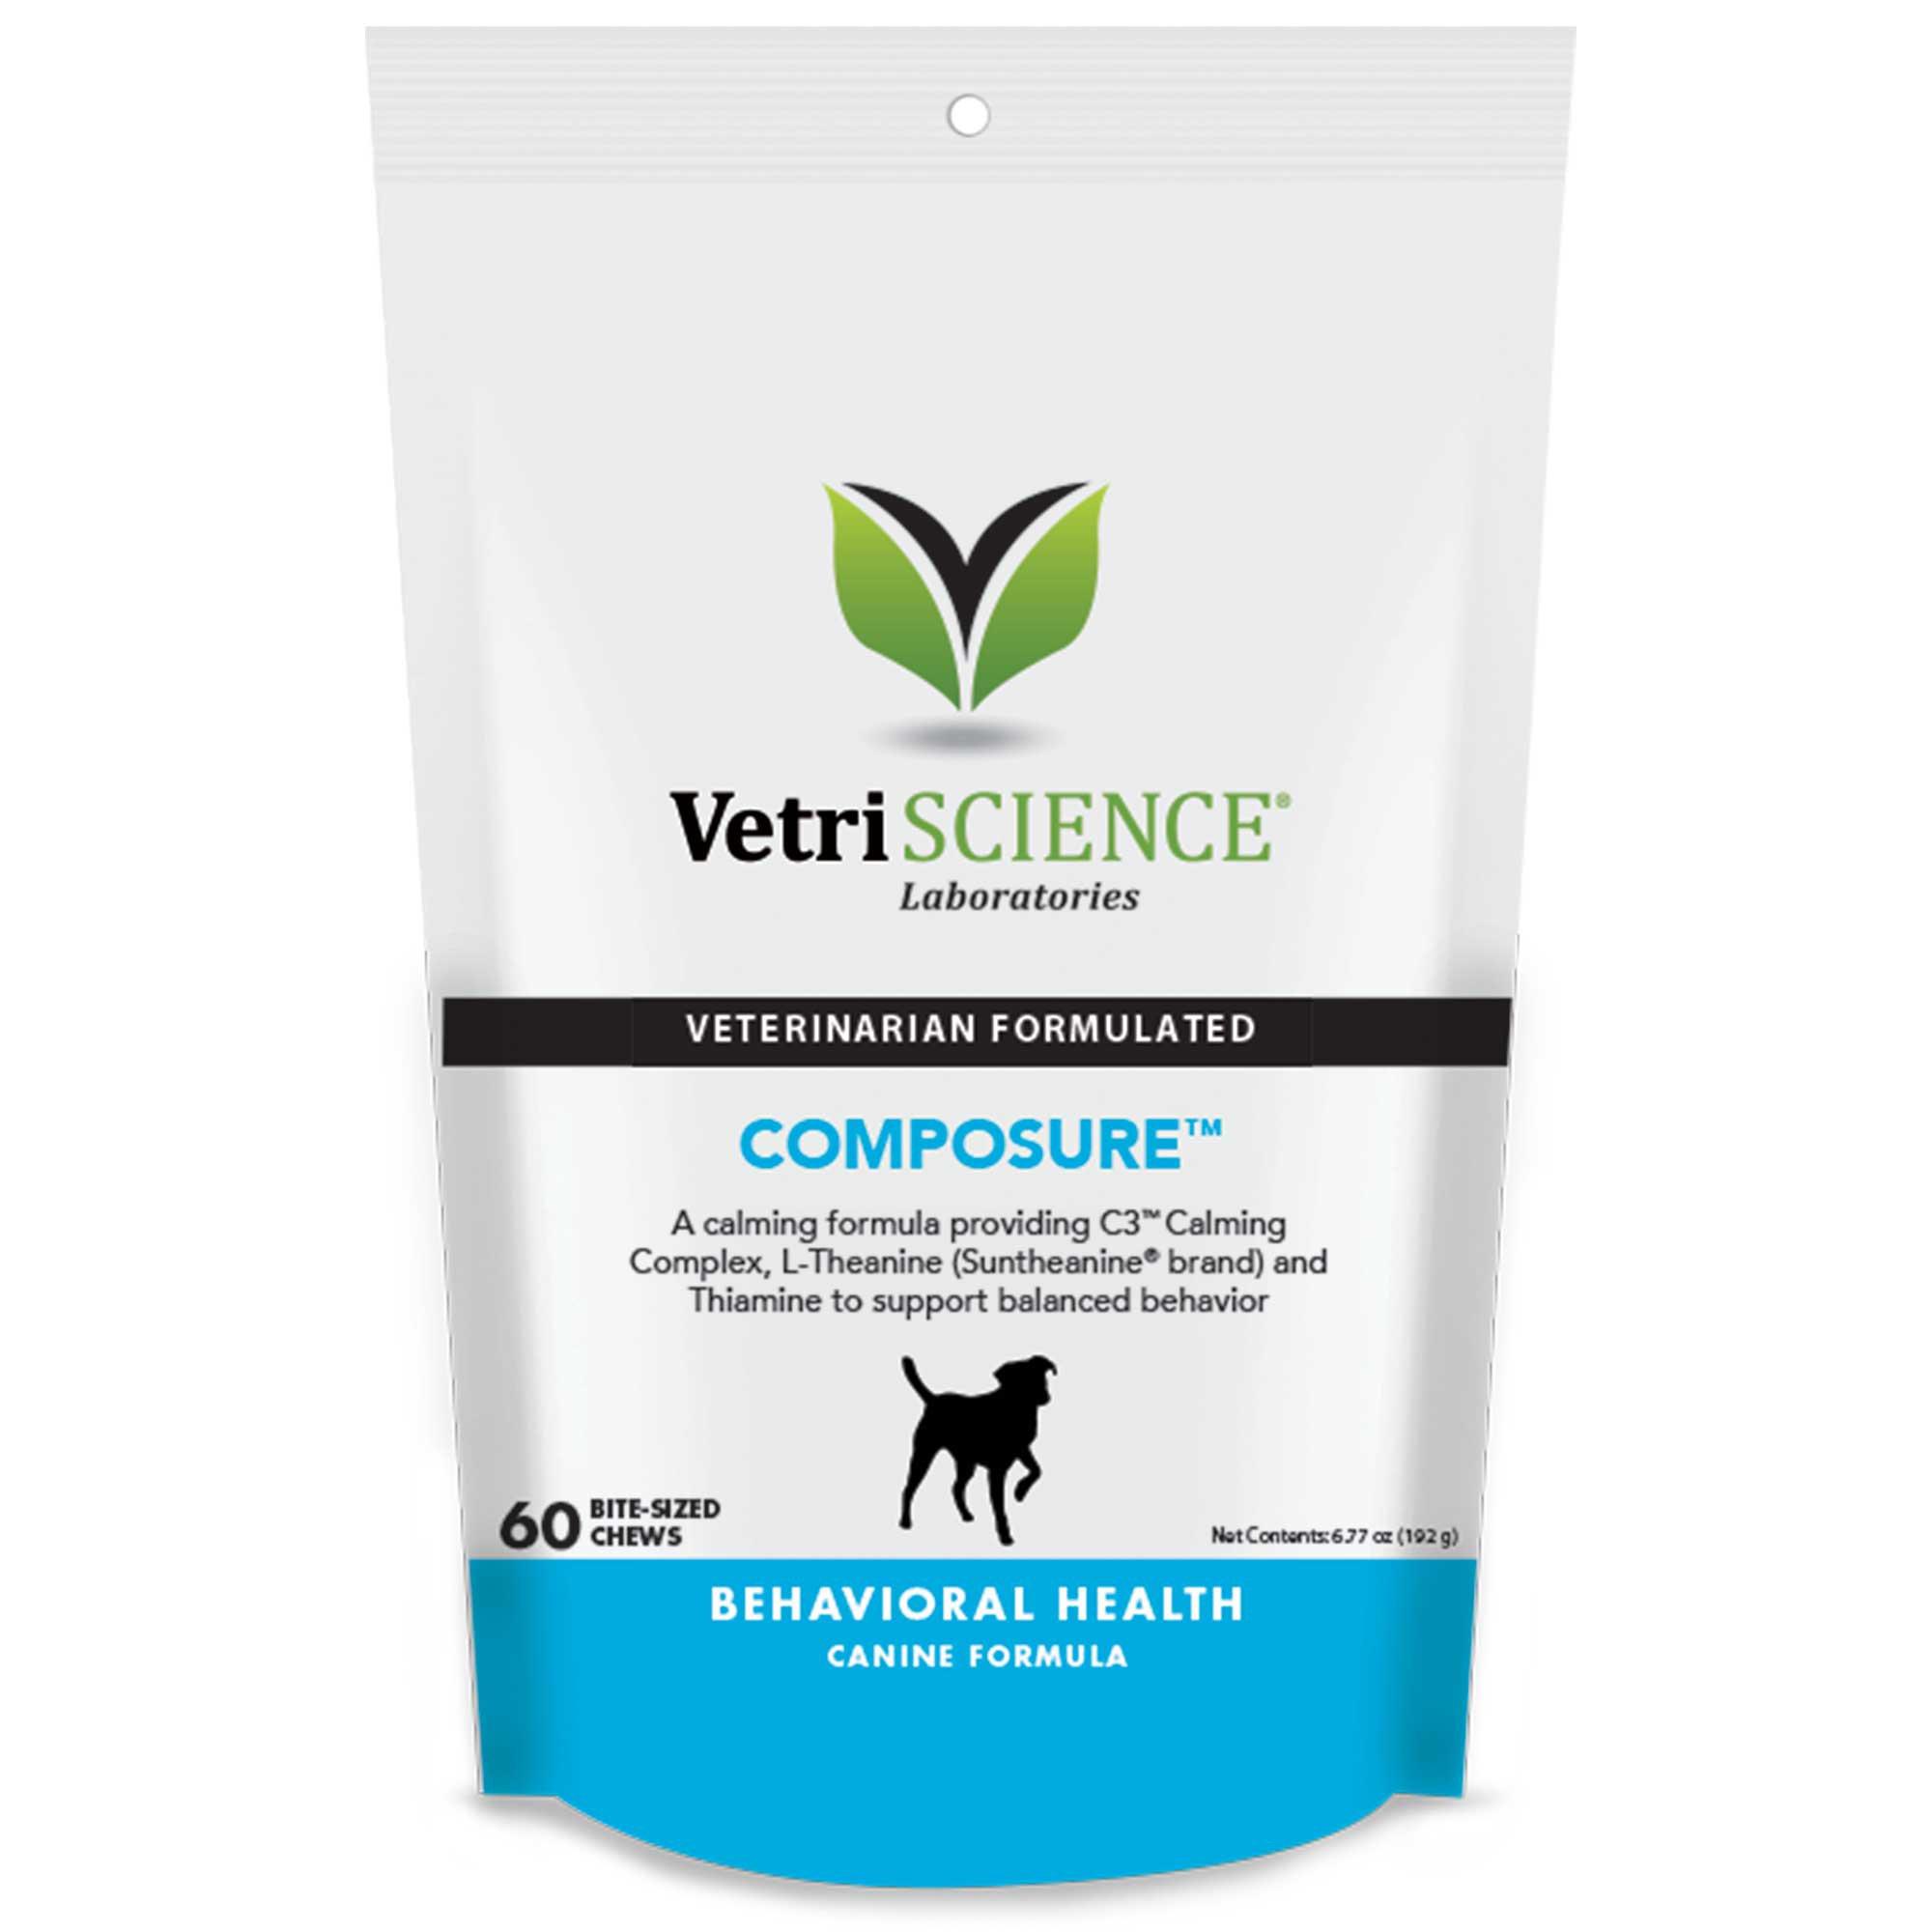 Vetri-Science Laboratories Composure Canine Bite-Sized Chews